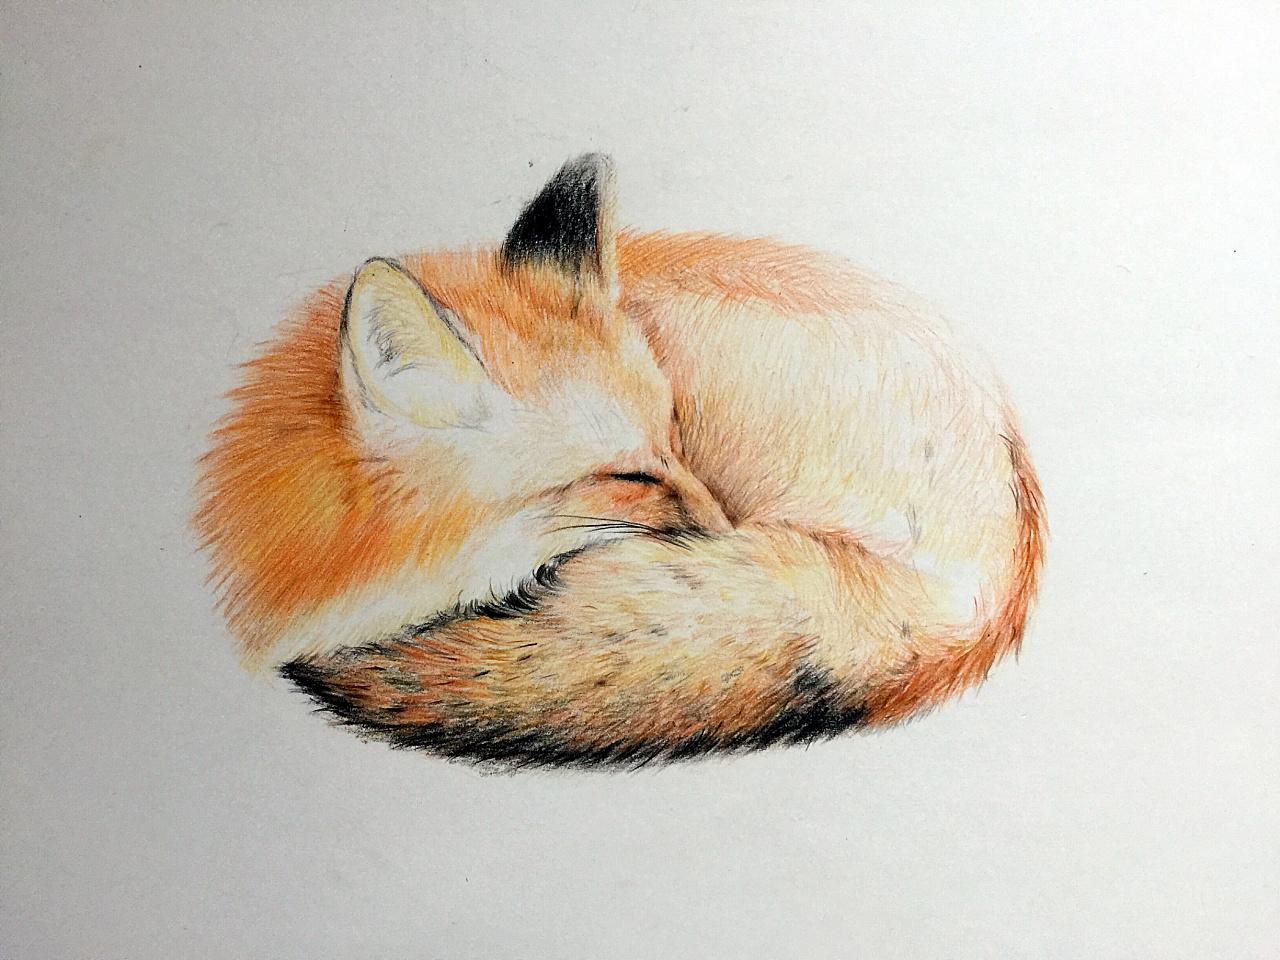 彩铅小狐狸|纯艺术|彩铅|yescabbage - 原创作品图片